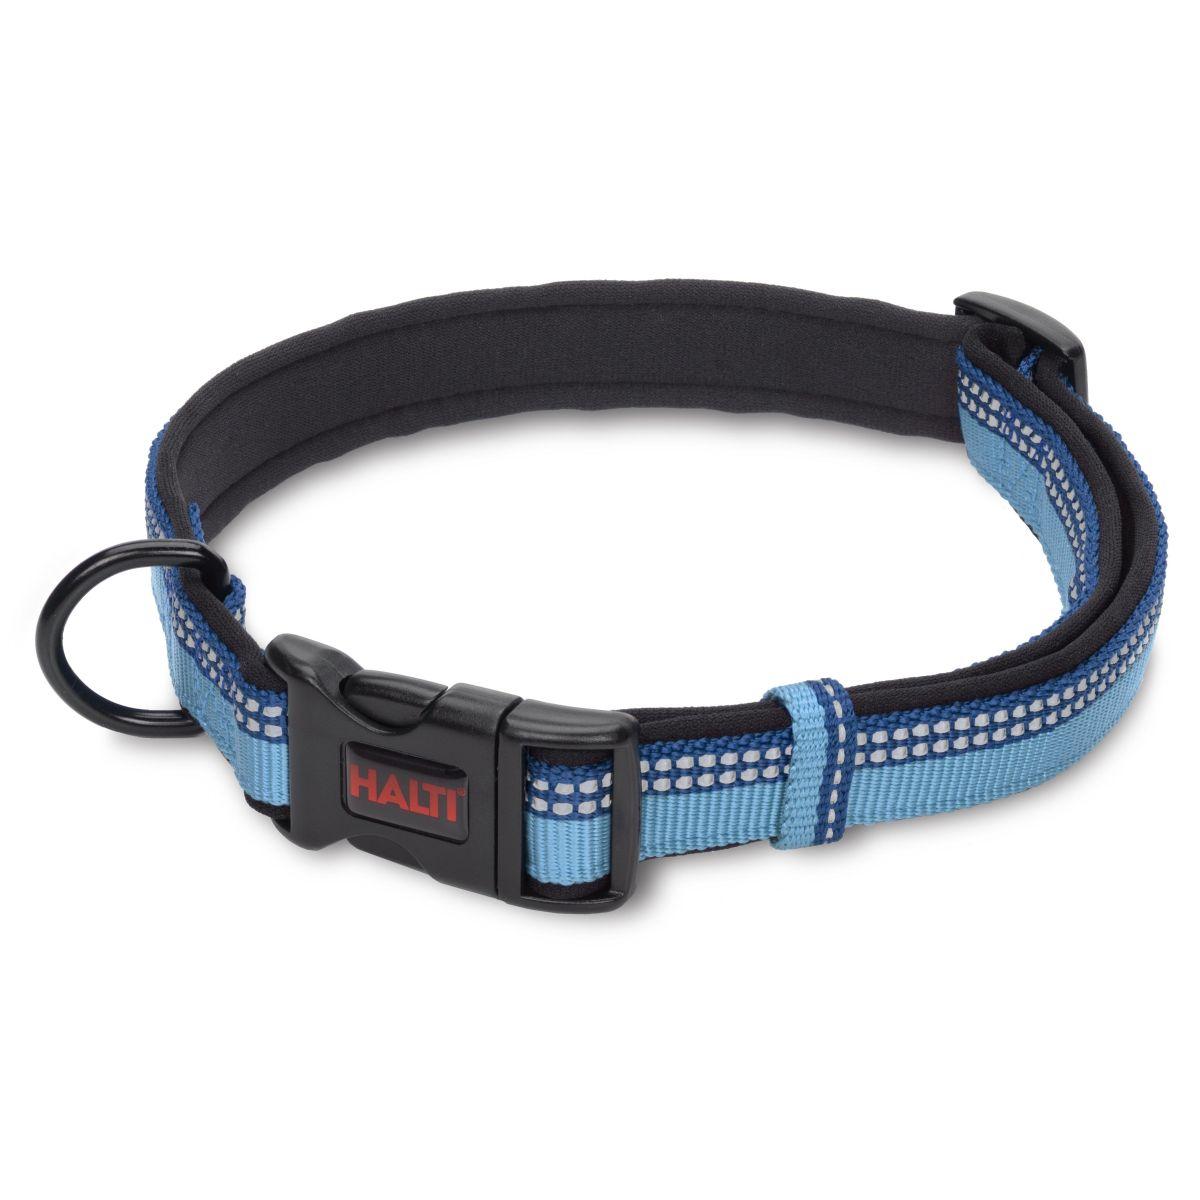 HALTI COLLAR BLUE X-SMALL 00000